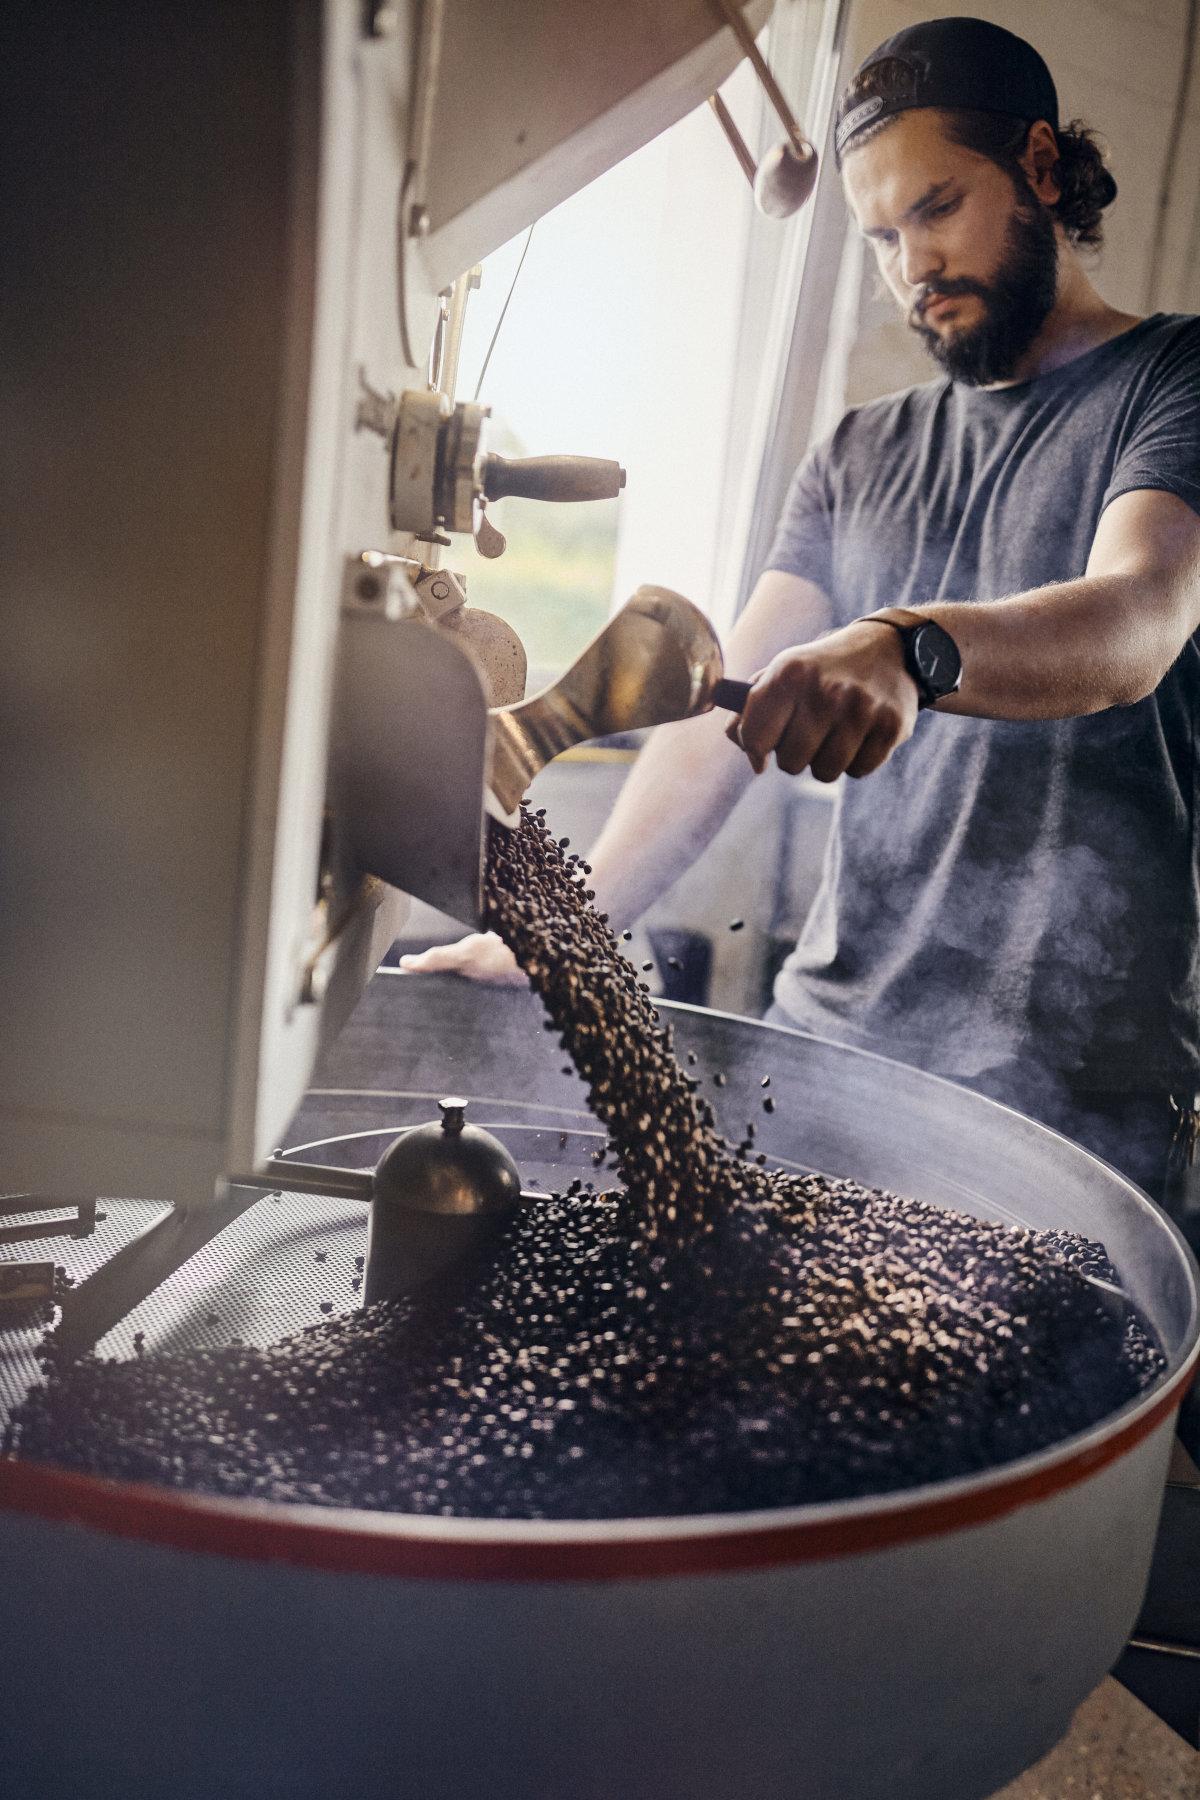 Mann röstet Kaffee in der Kaffeemanufaktur Heilandt